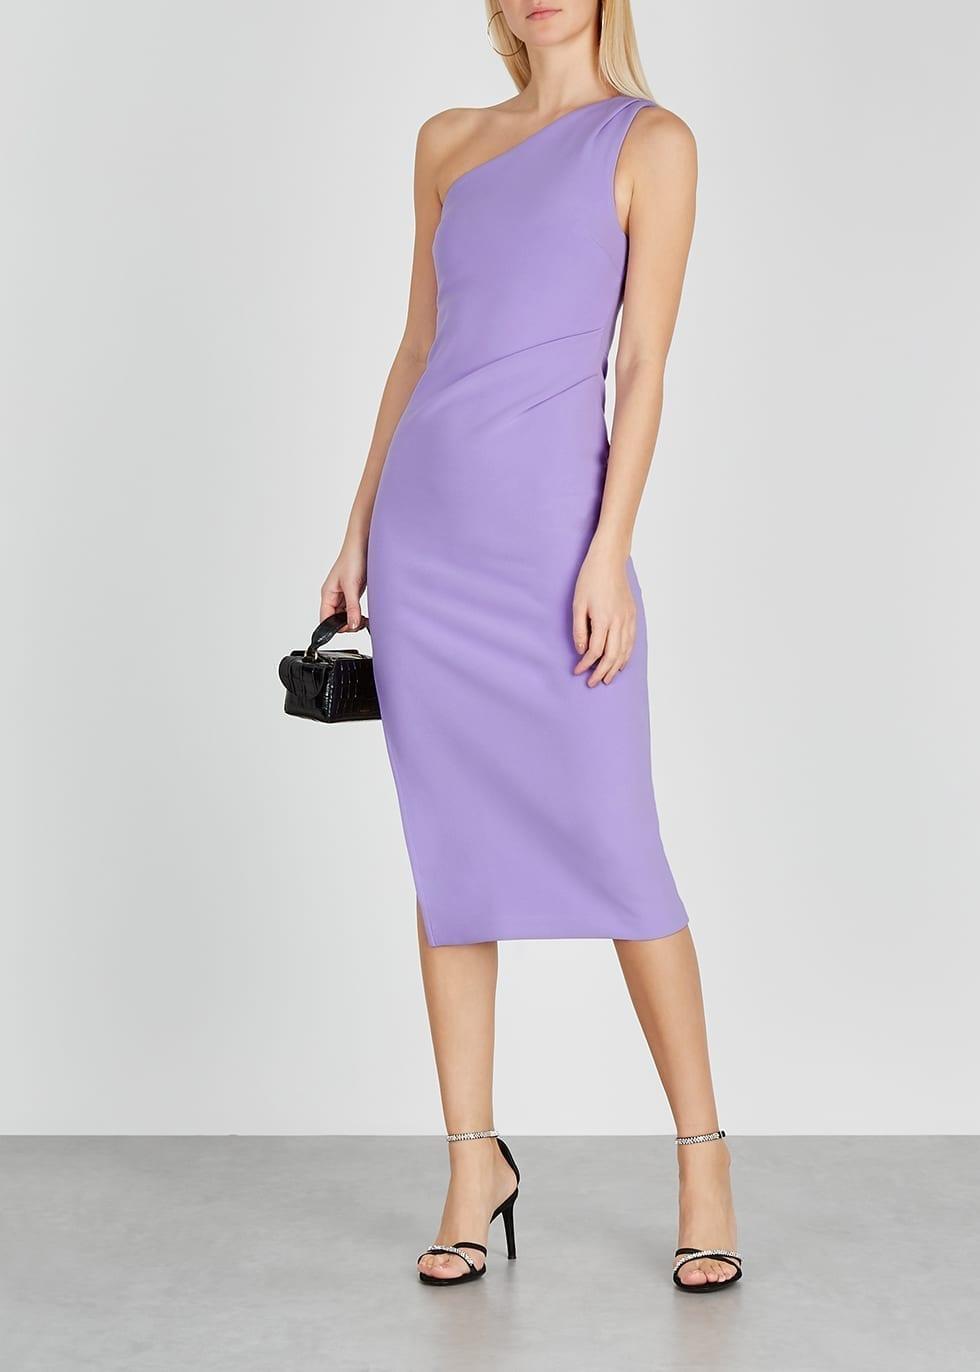 BEC & BRIDGE Gemma Lilac One-shoulder Midi Dress